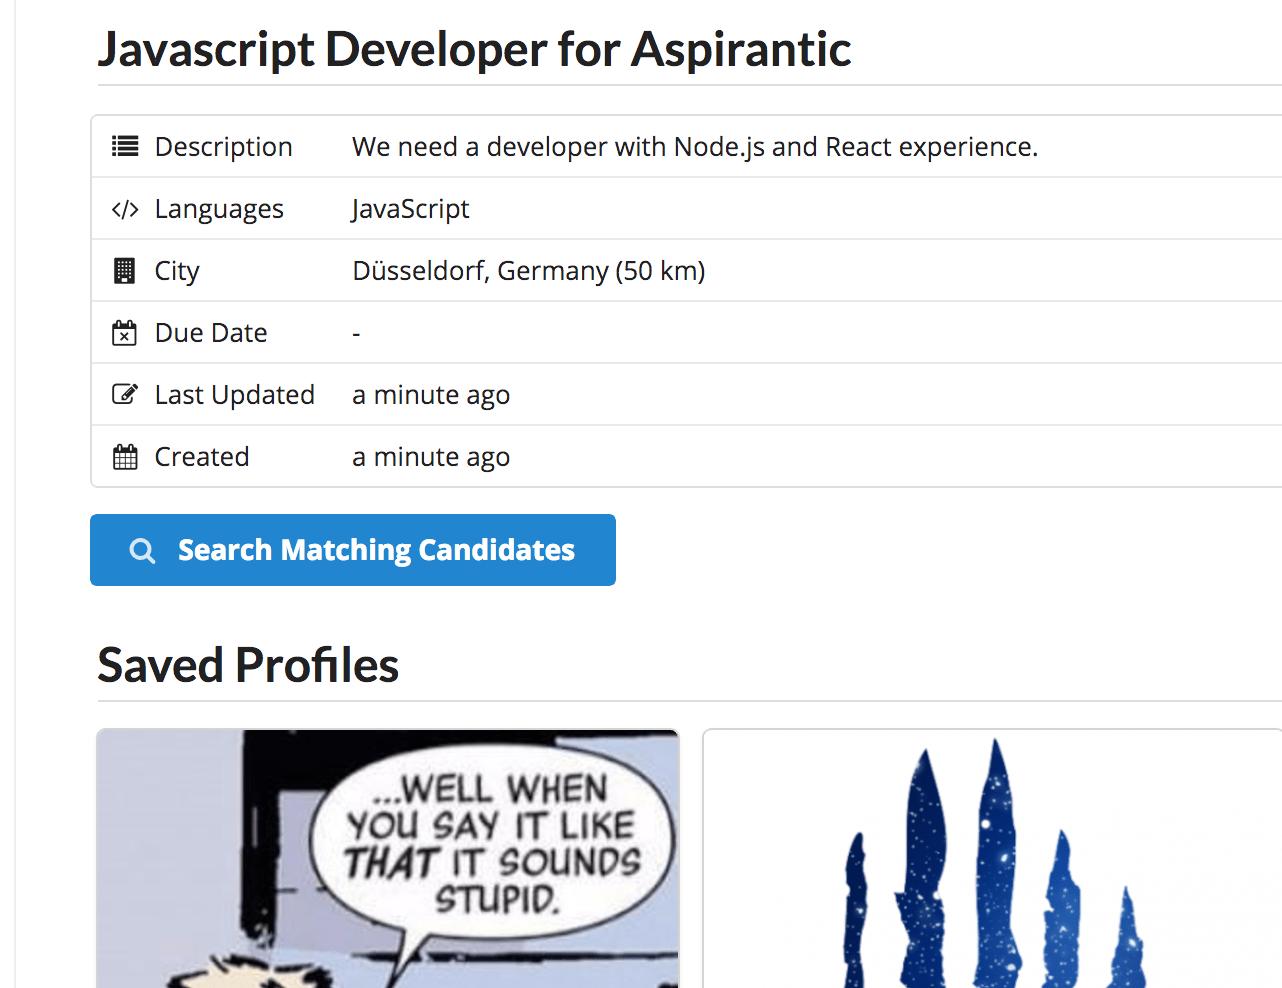 Aspirantic Profile